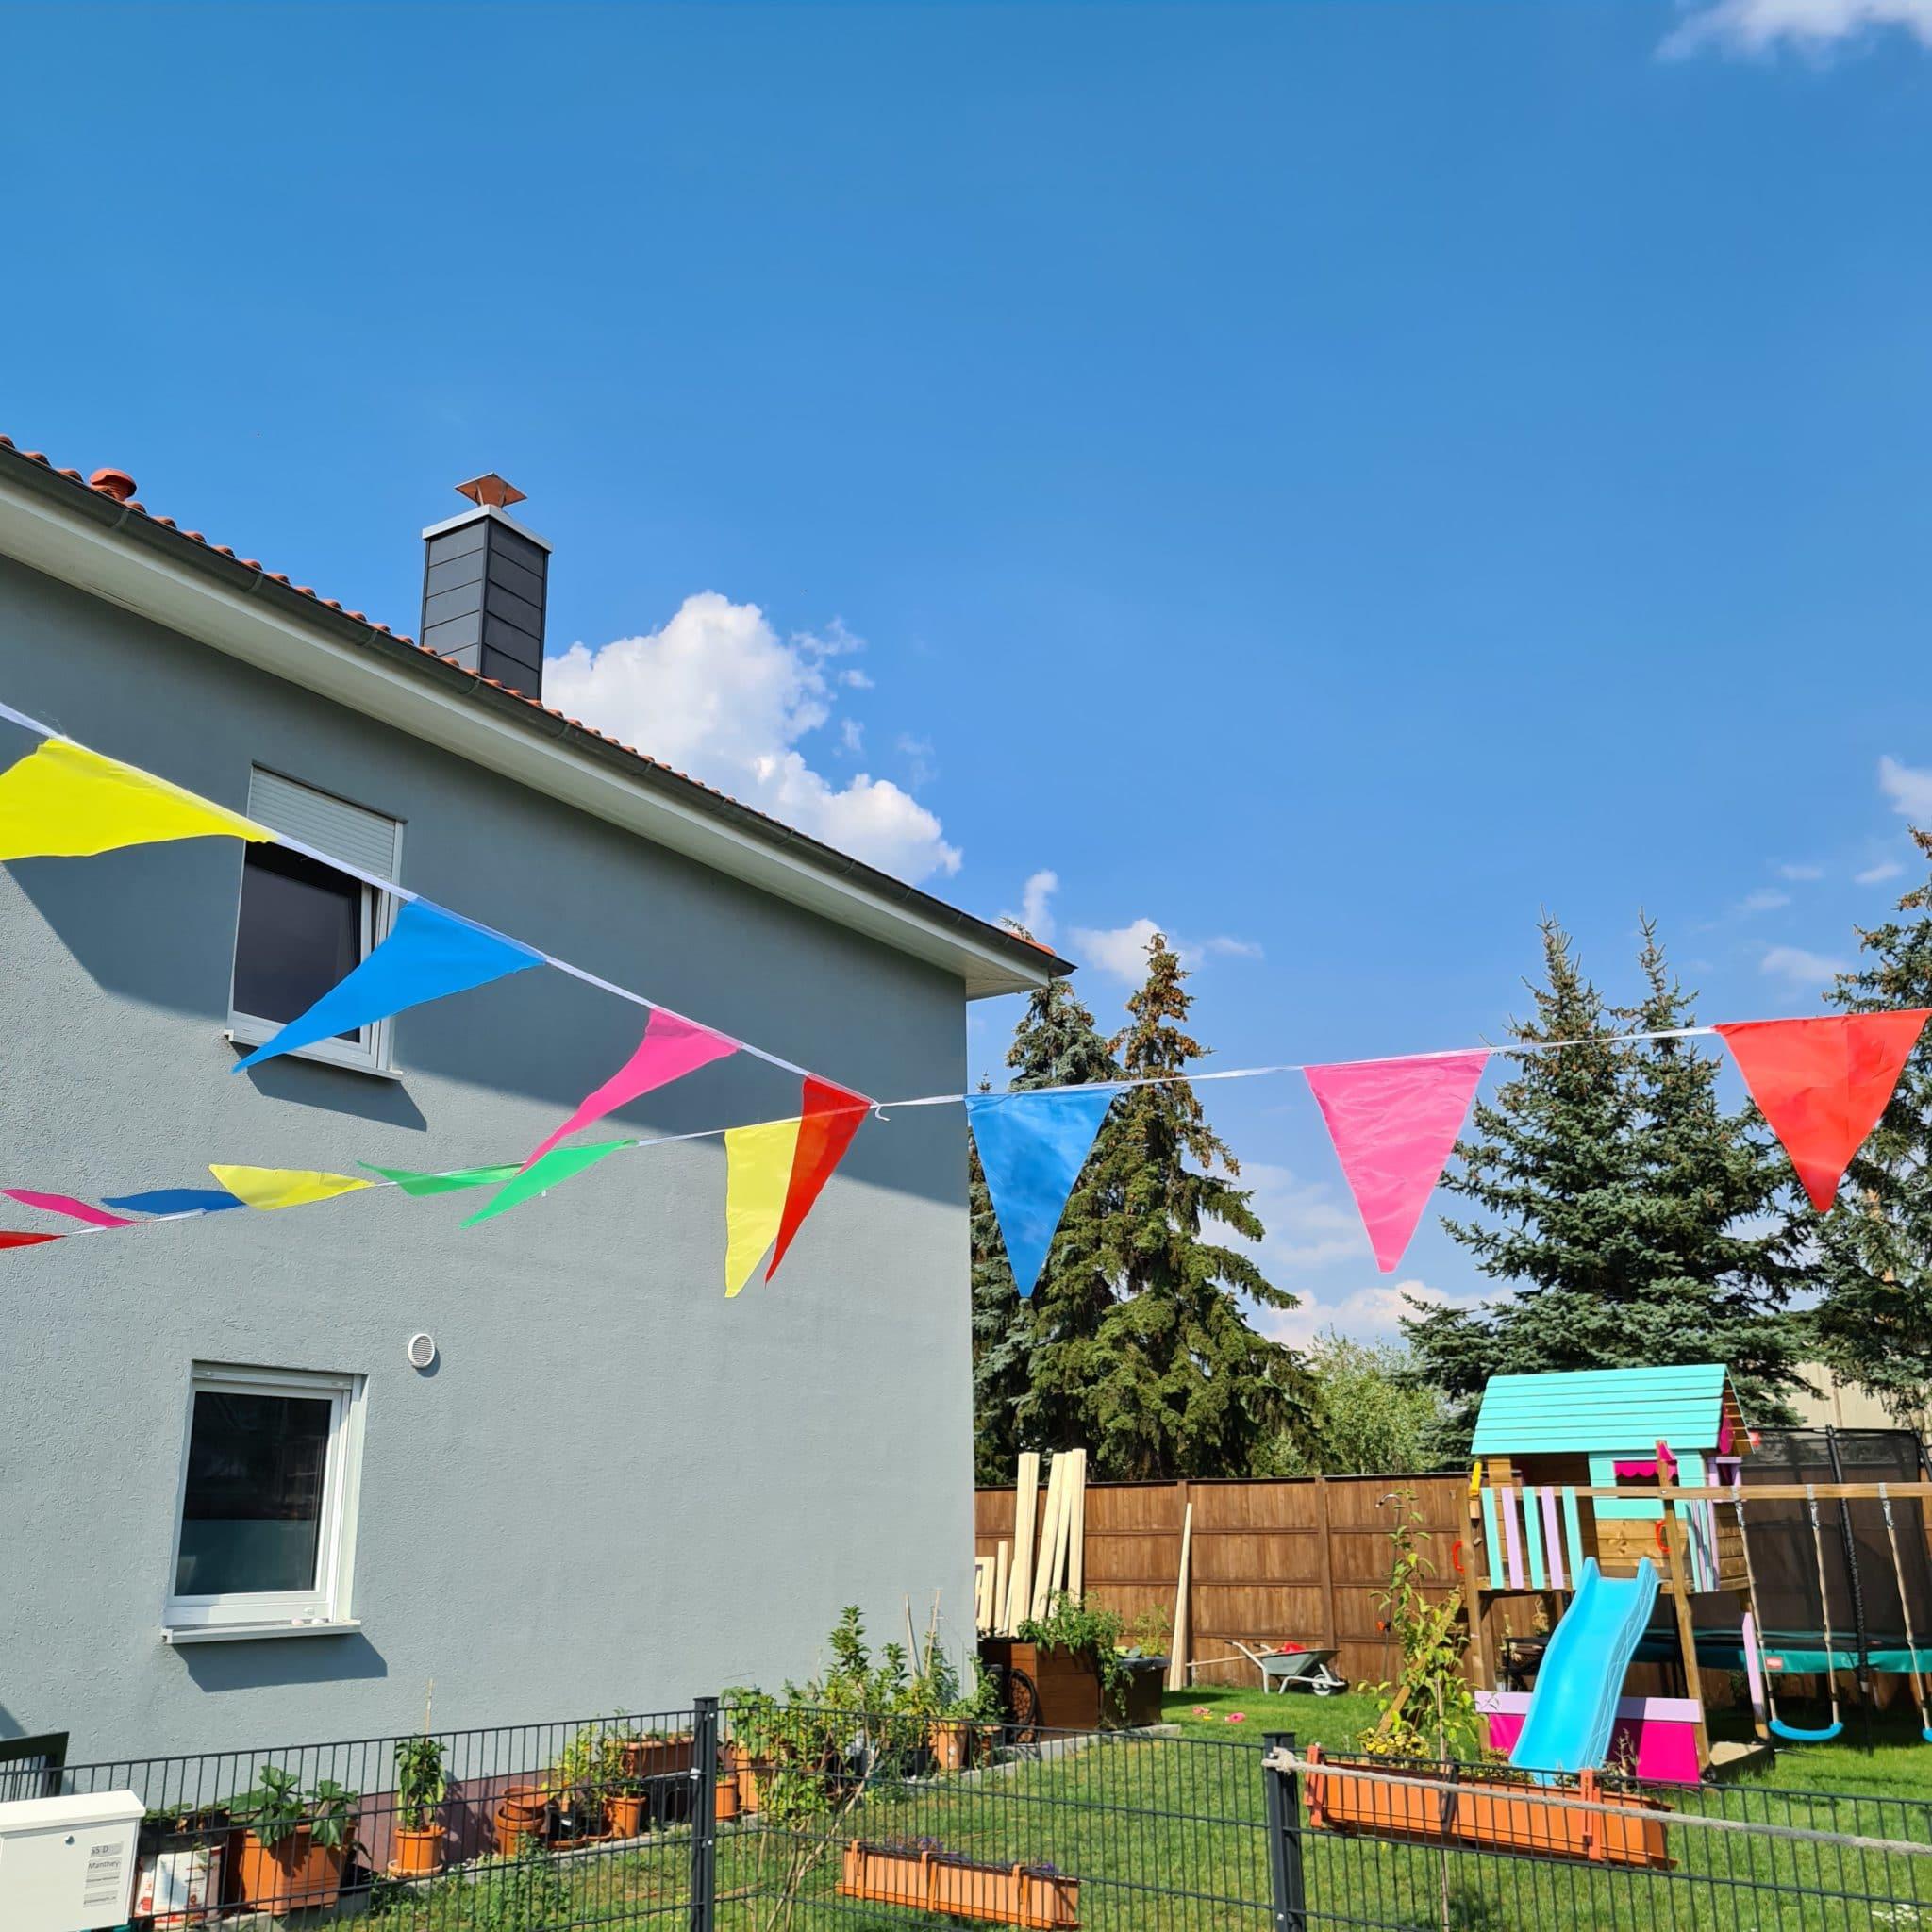 #9 Wir feiern unser erstes Nachbarschaftsfest draußen und das ist echt ne coole Sache